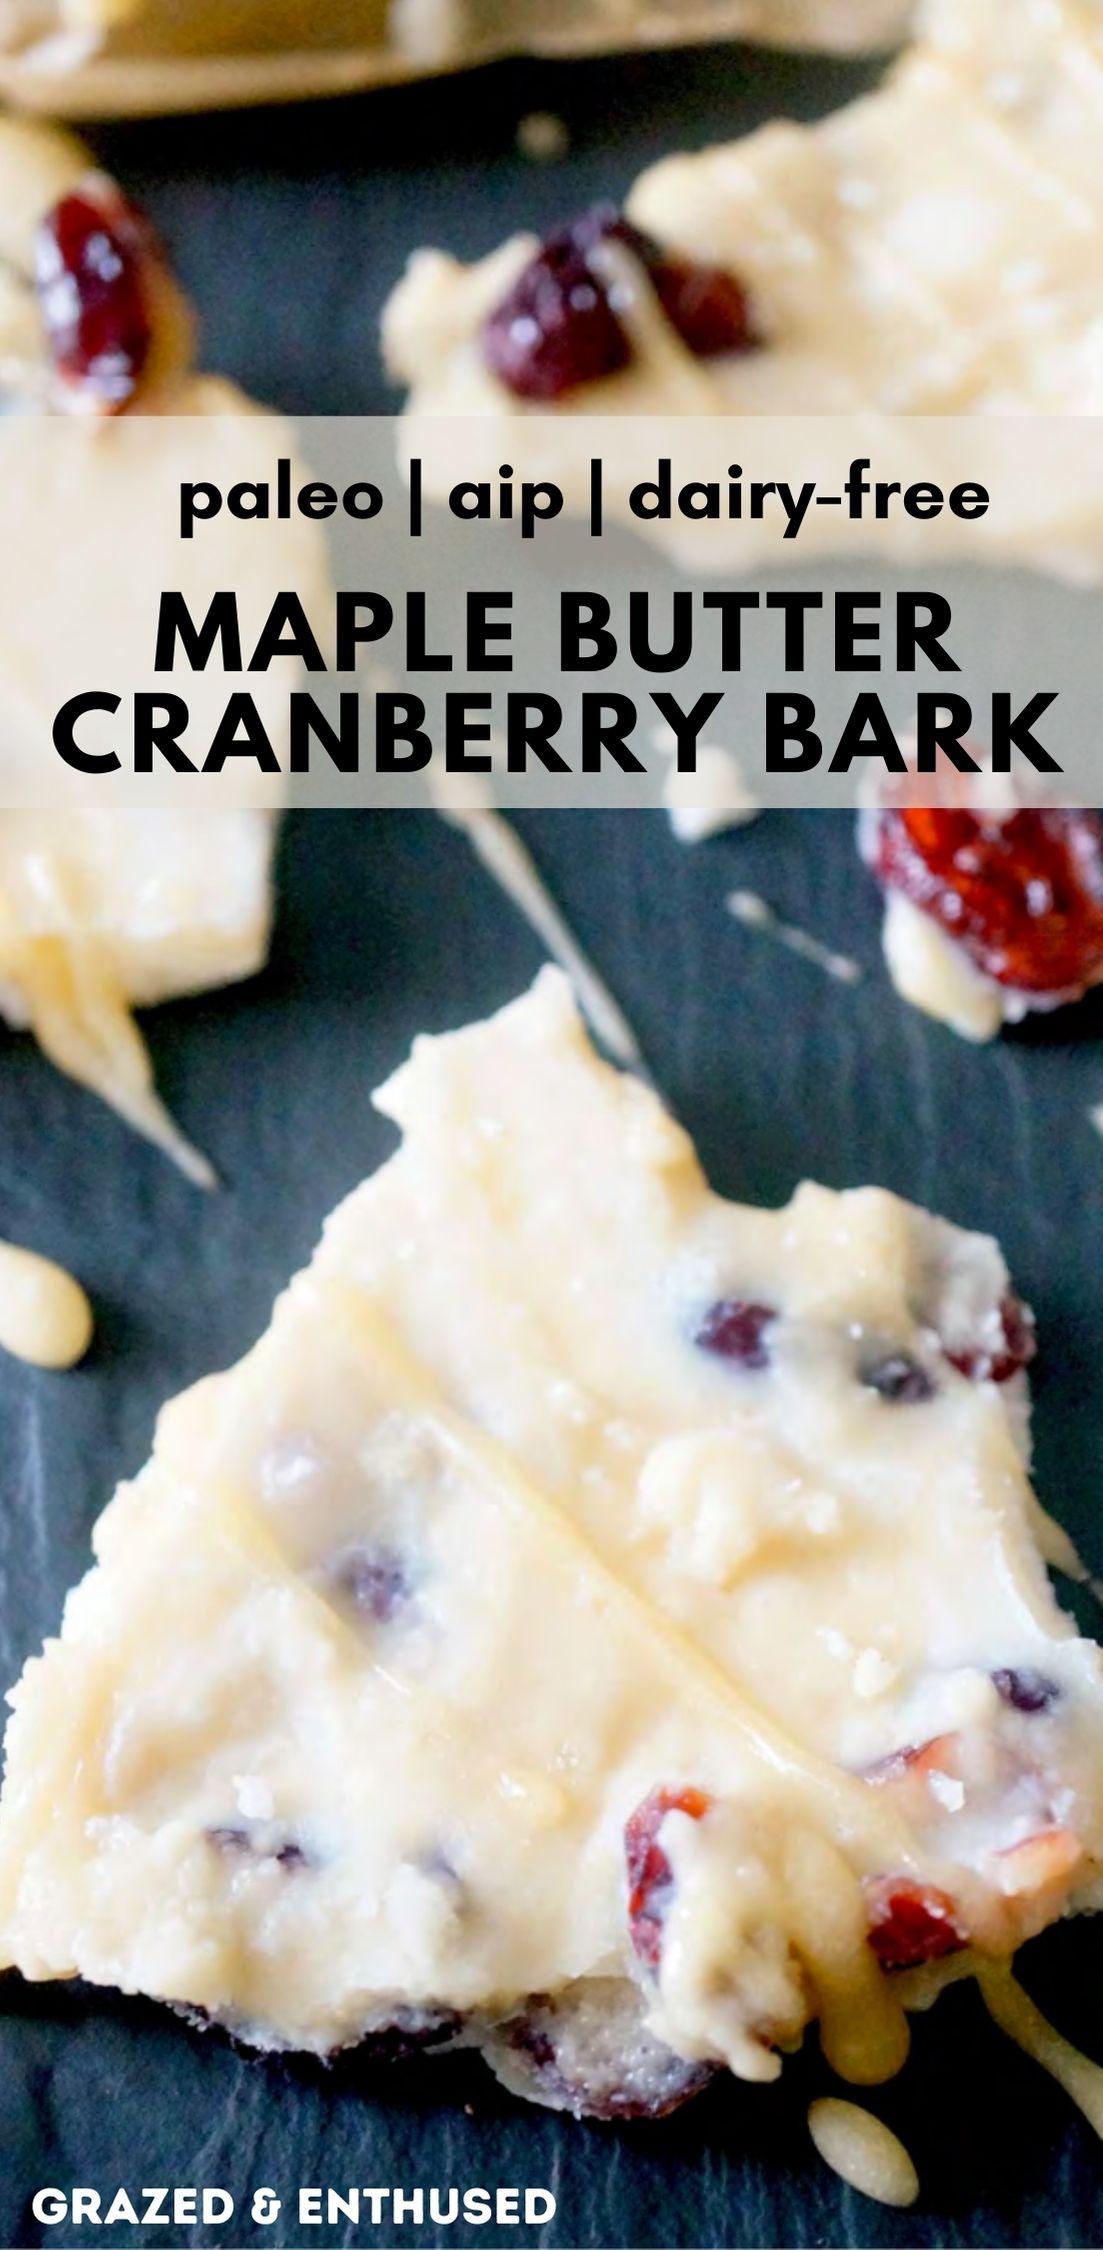 maple butter cranberry bark